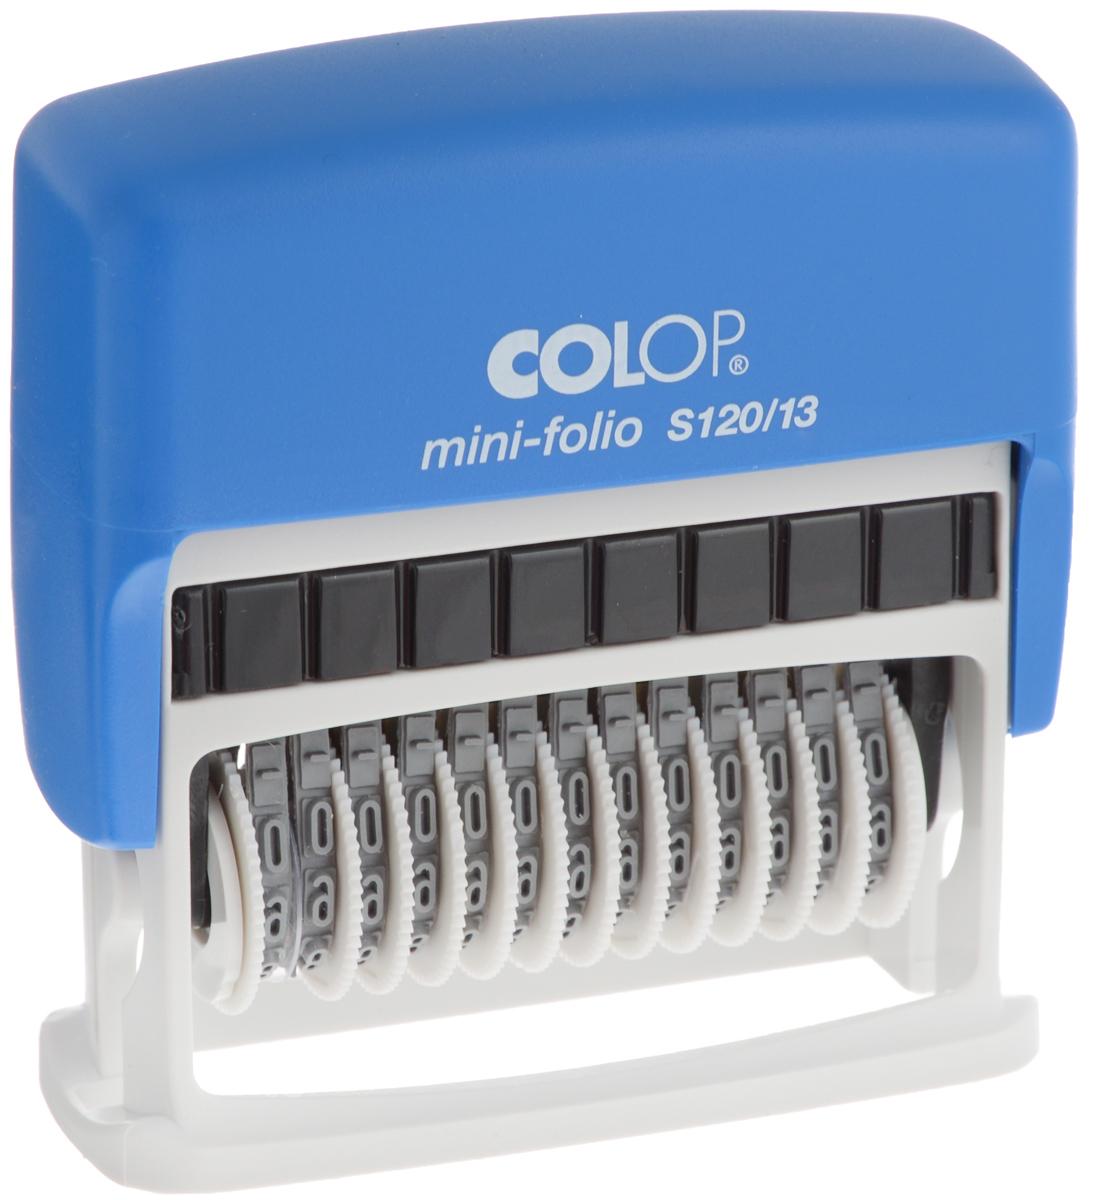 Colop Мини-нумератор тринадцатиразрядный 4 ммFS-00897Мини-нумератор Colop в пластиковом корпусе с автоматическим окрашиванием.Установка номера происходит с помощью колесиков. Используется для нумерации документов, проставления артикулов, цен и другого.В комплекте: нумератор, синяя сменная подушка. Высота цифр - 4 мм. Тринадцатиразрядный.